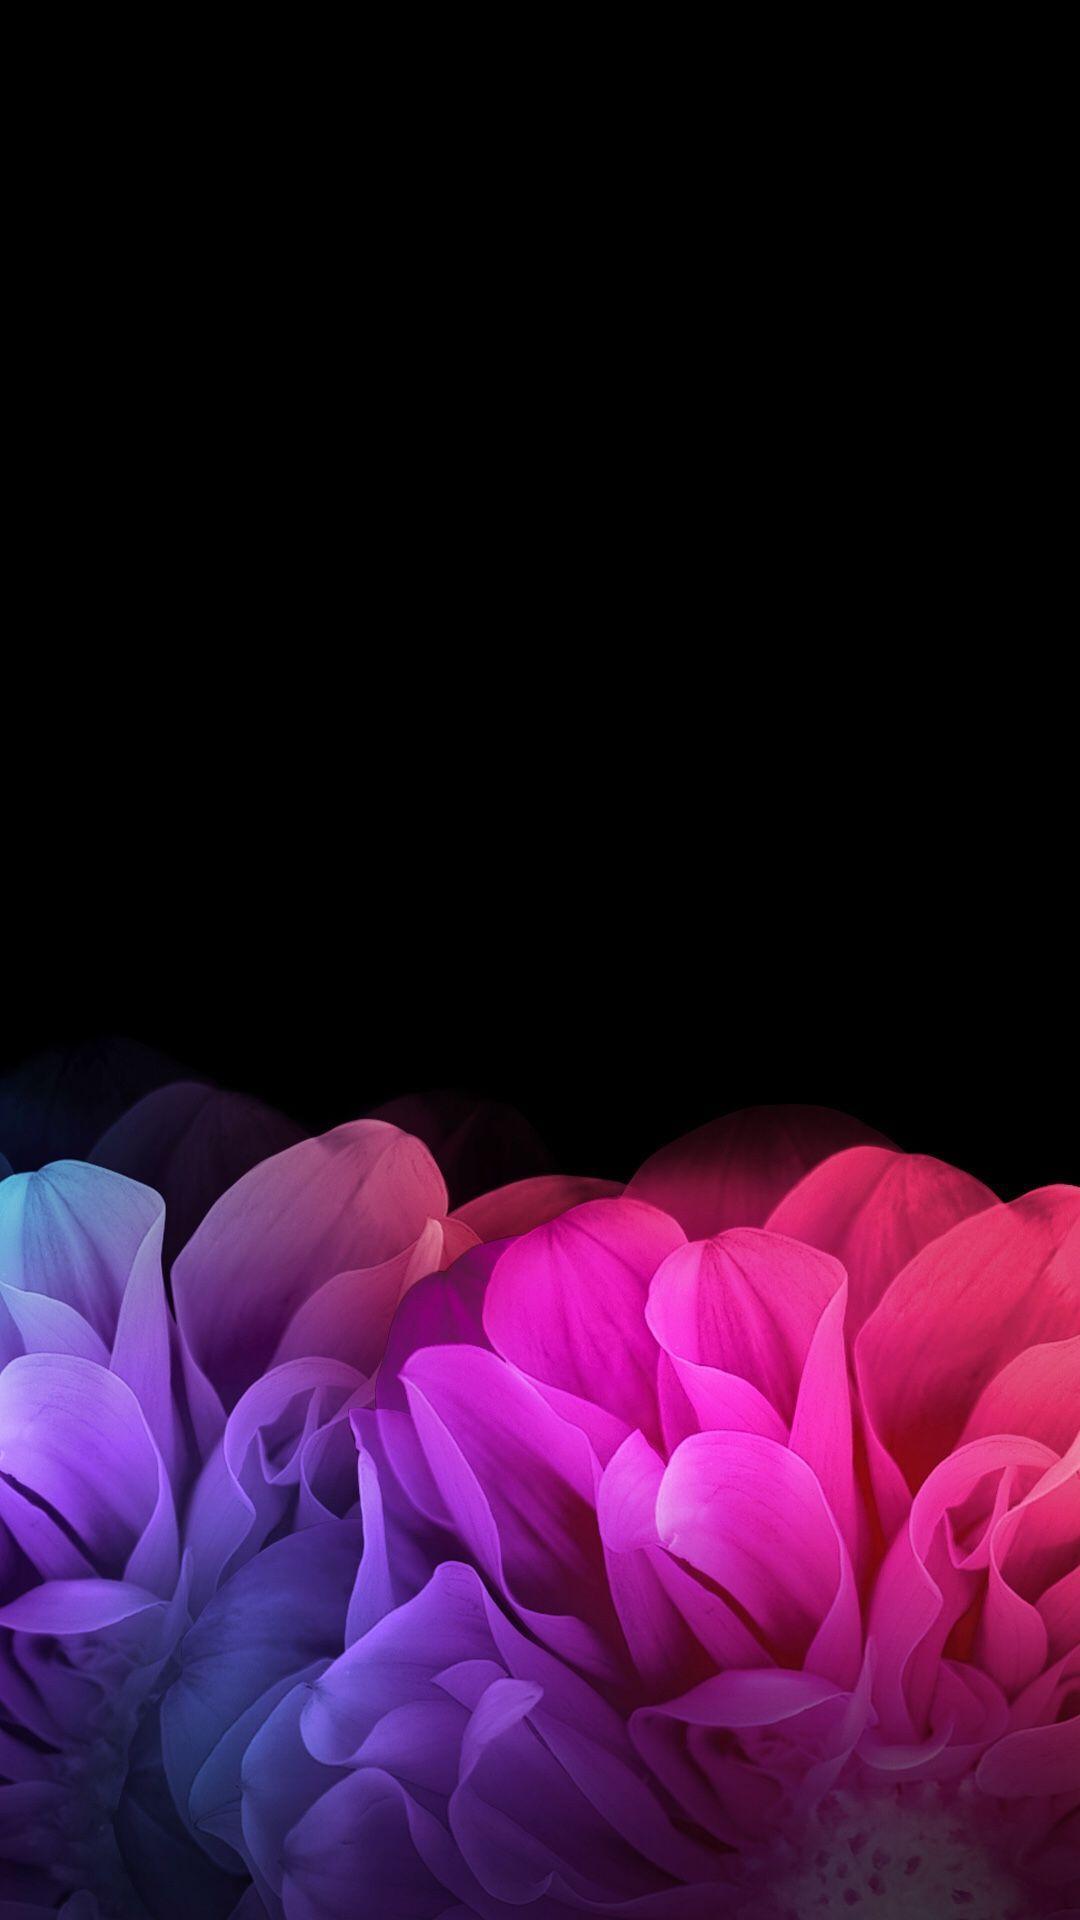 Dark Purple Flower Iphone Wallpapers Top Free Dark Purple Flower